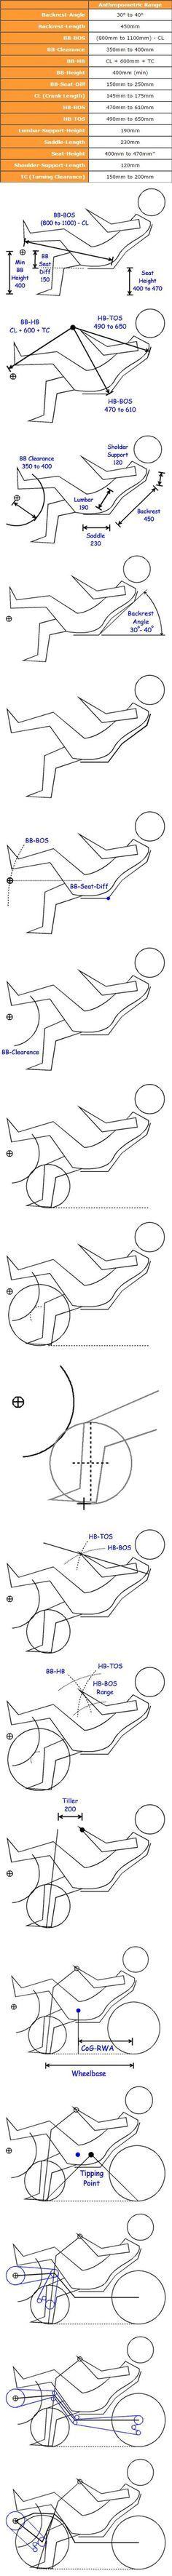 Ergonomic Recumbent concept design